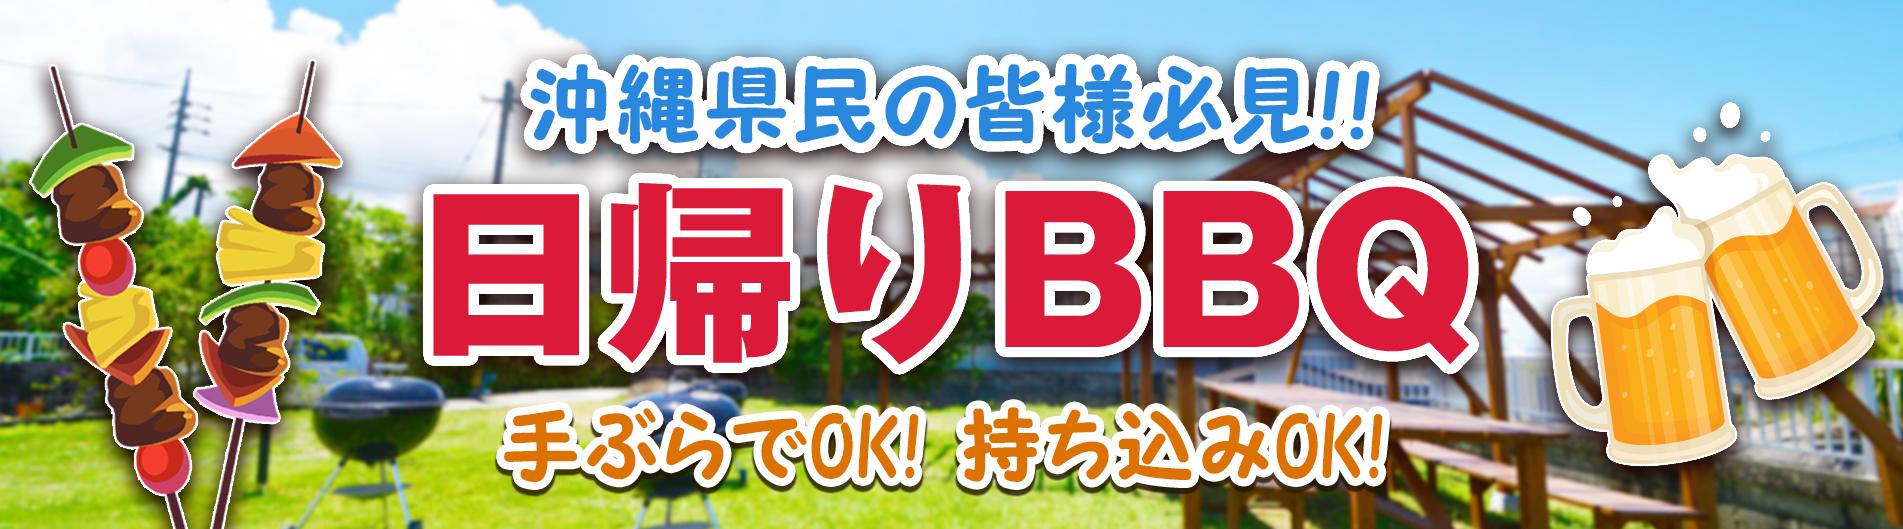 沖縄宿泊バーベキュー